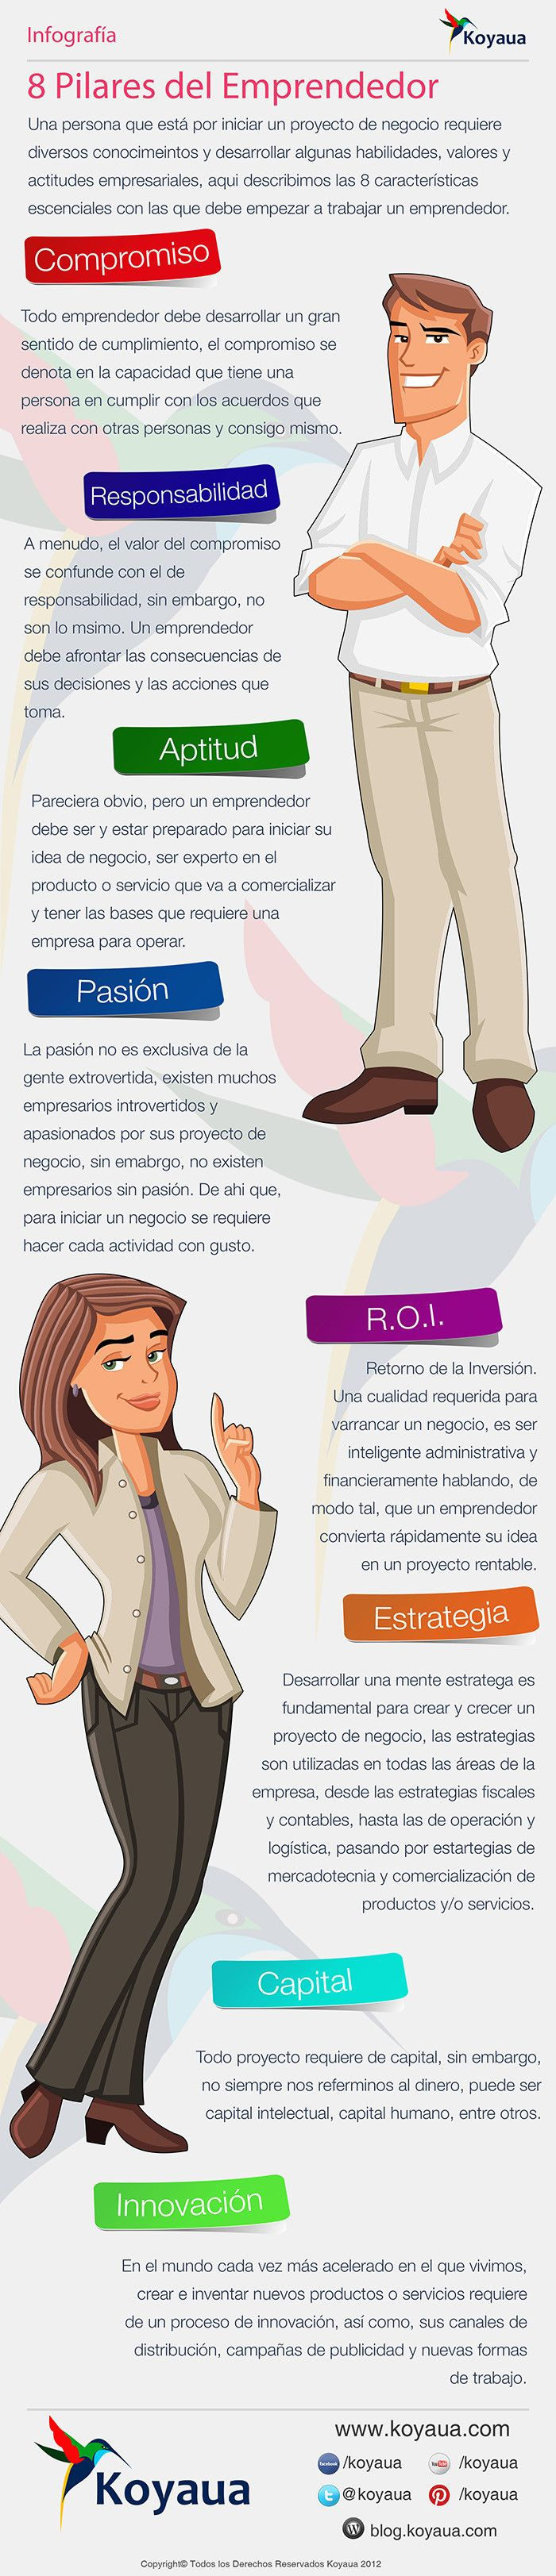 8 pilares del emprendedor. Jesus Esparza Flores.